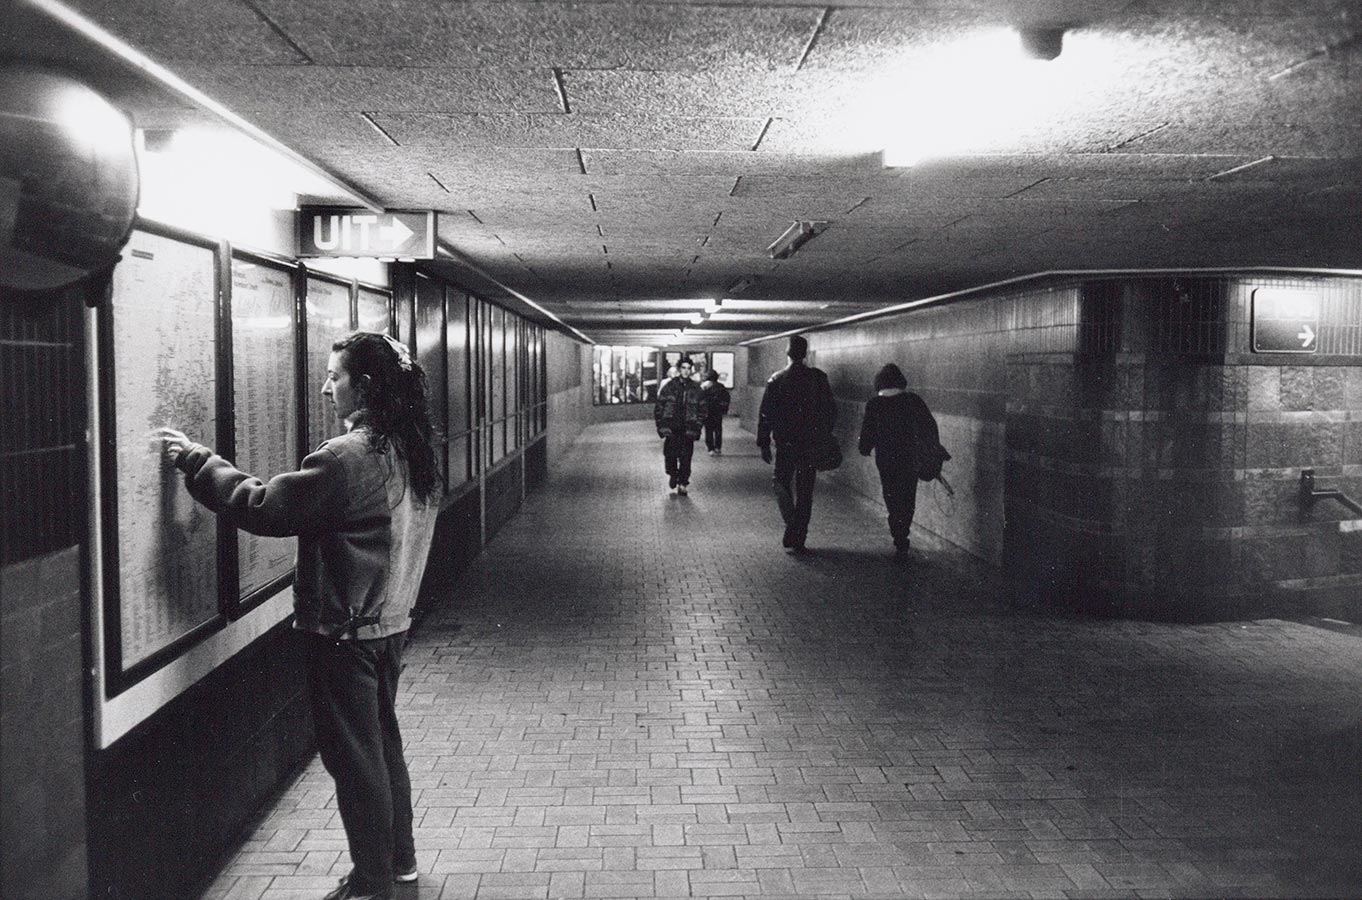 Gangen naar de sporen op Muiderpoortstation. Man bekijkt kaart met ov-informatie aan de muur.